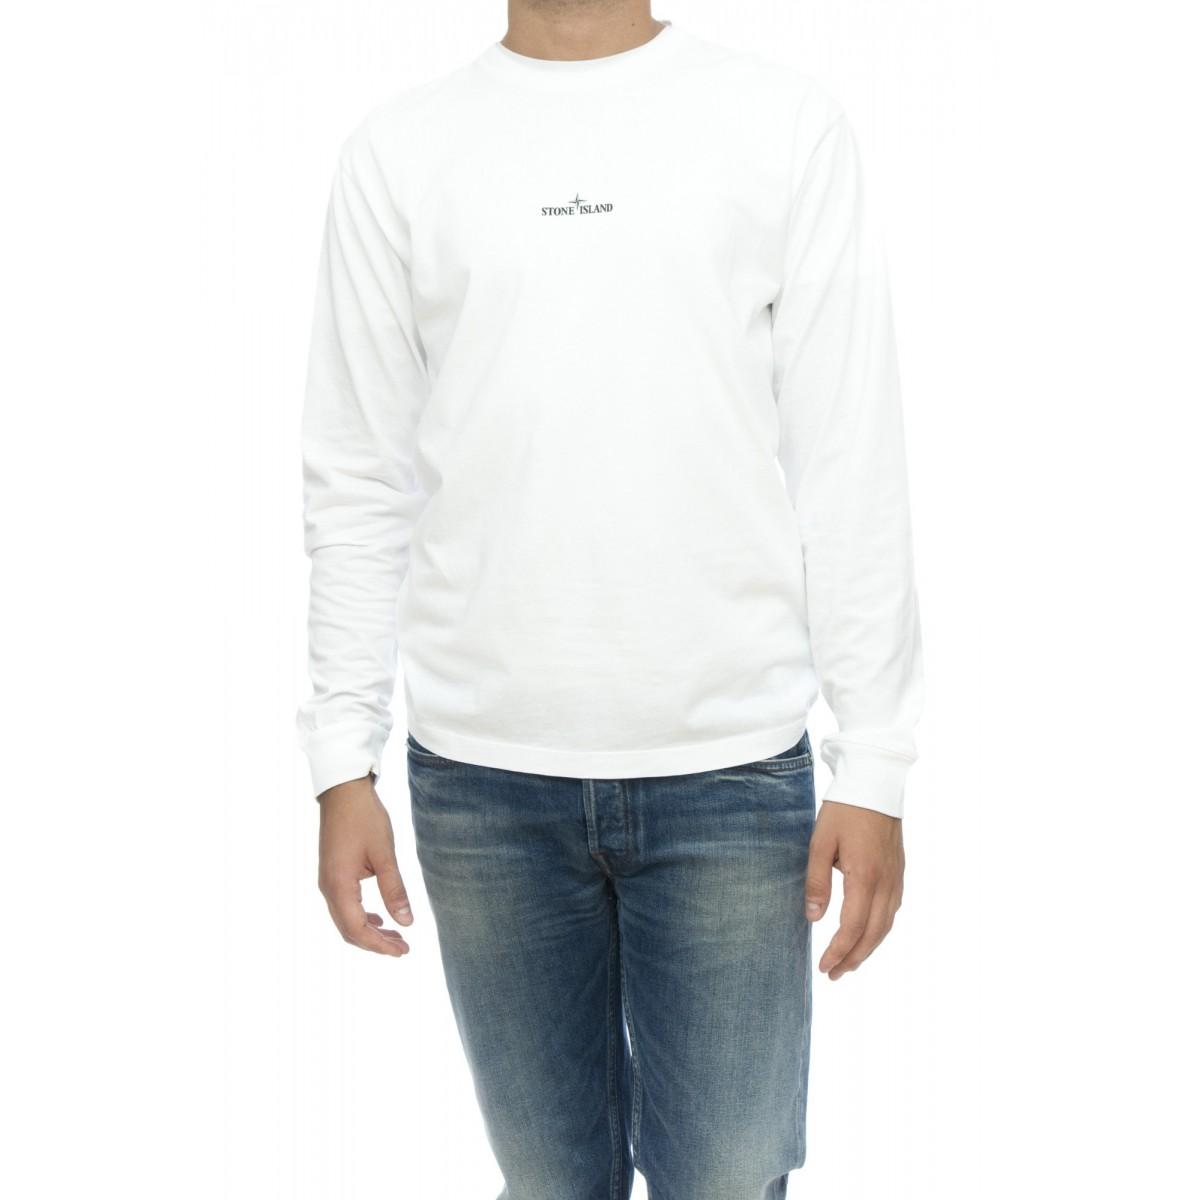 Berretto - 2ml83 t-shirt manica lunga logo, 100% cotone